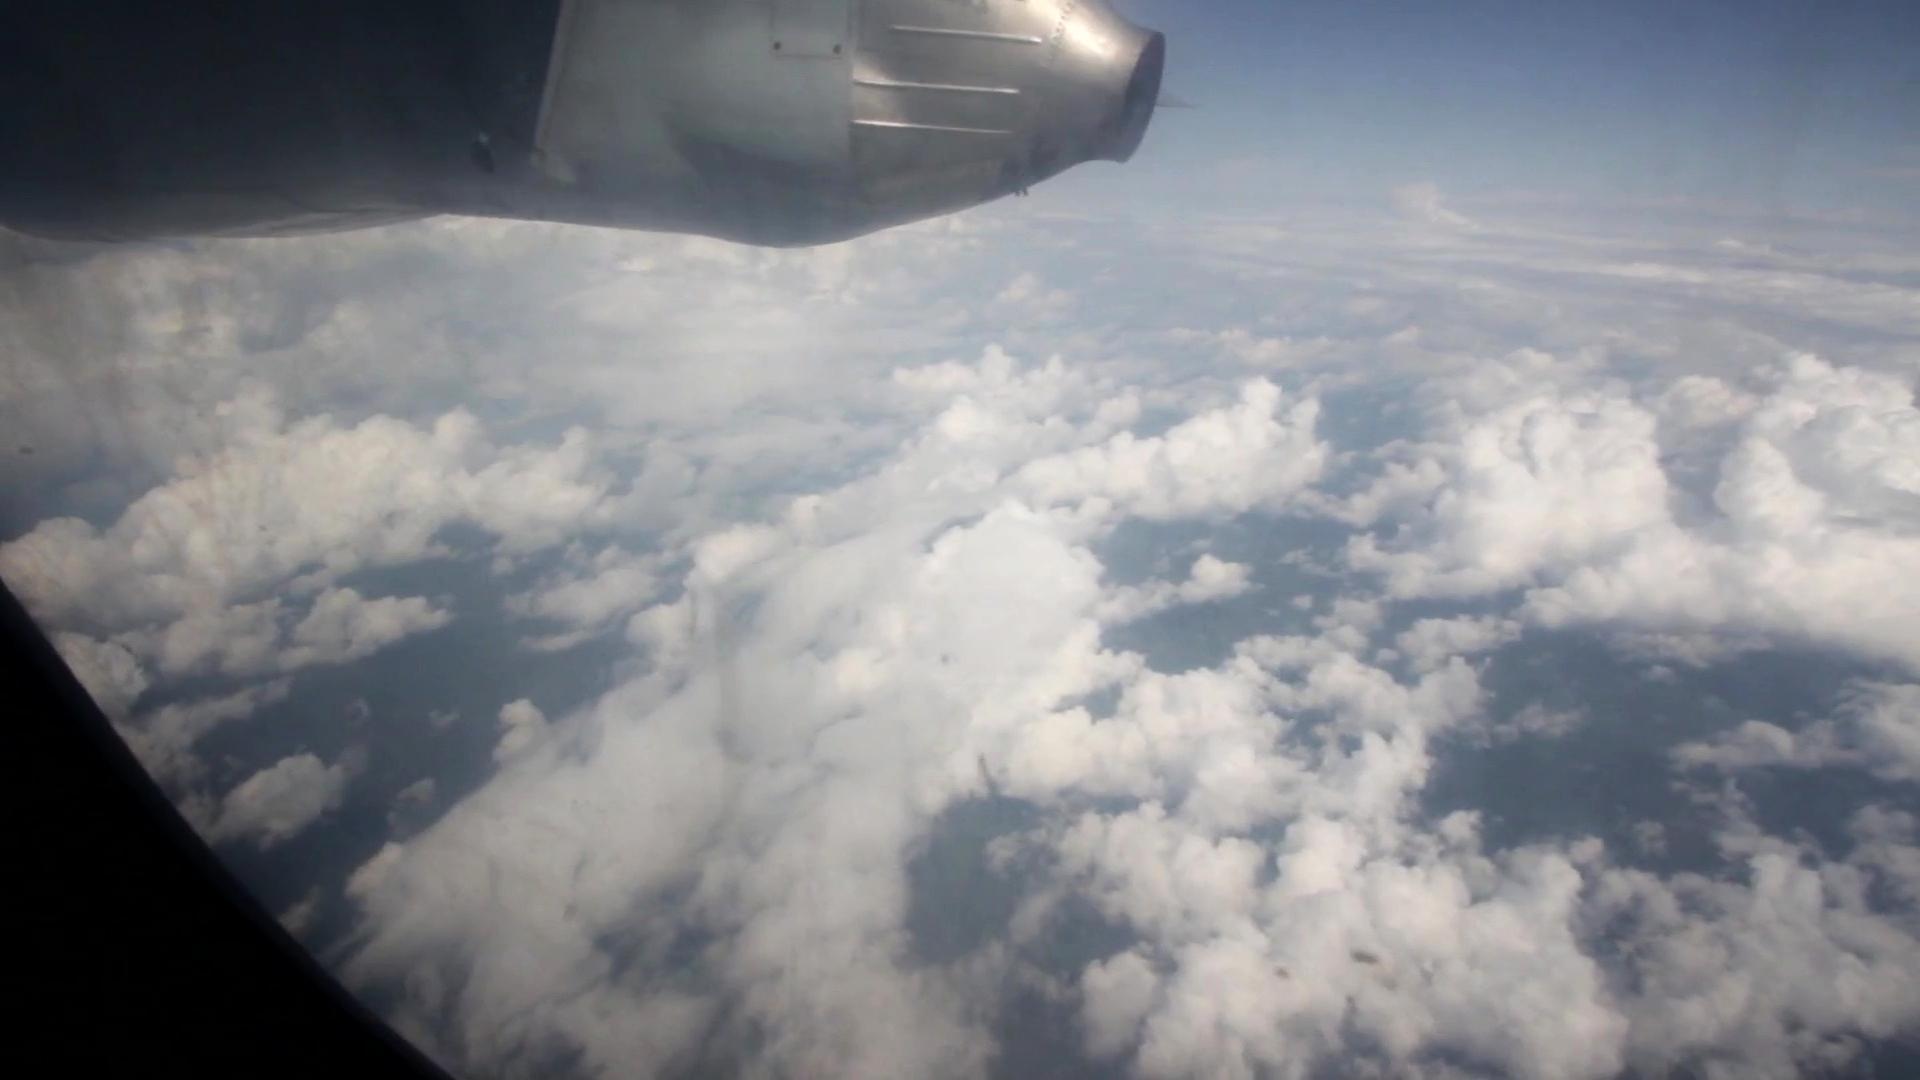 الصورة الأولى لموقع تحطم طائرة